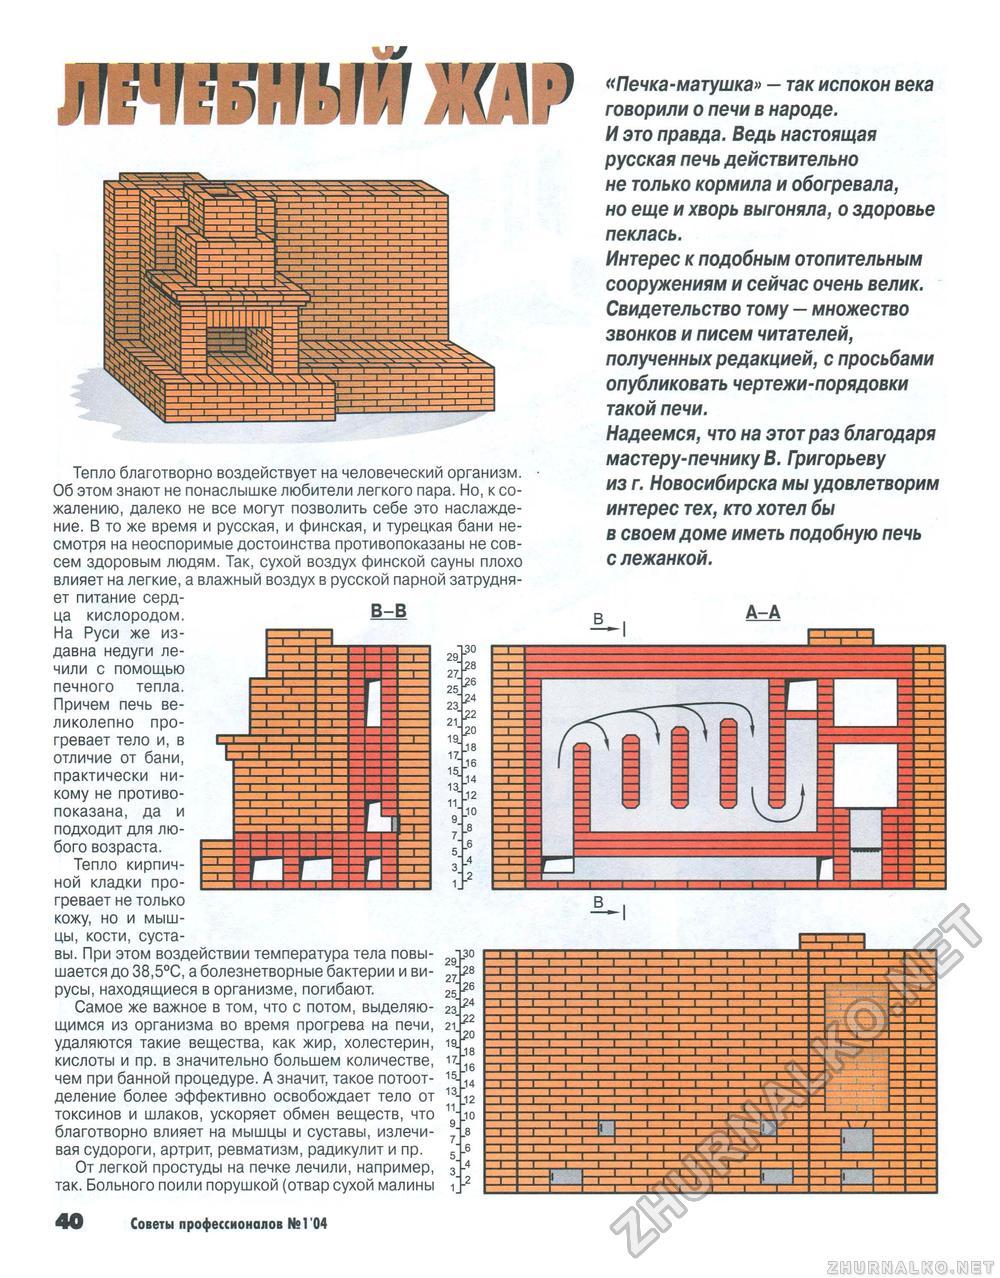 Русская печь с лежанкой и плитой: порядовка и описание кладки